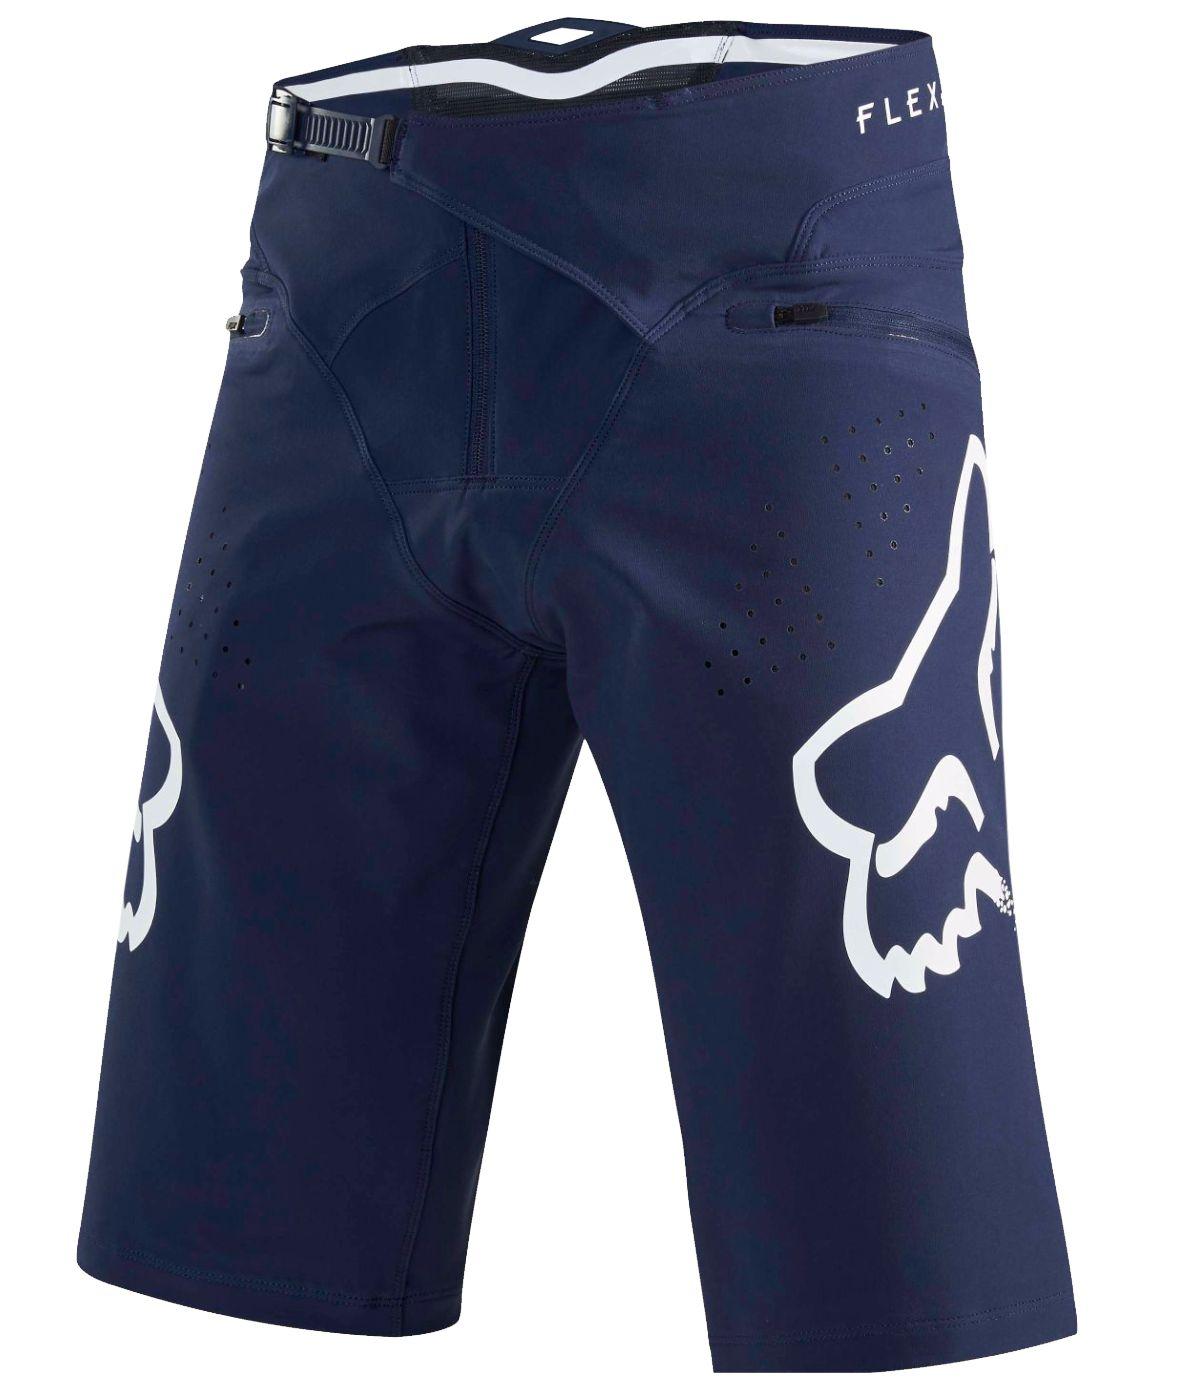 Fox Mountain Bike Shorts Clearance Joe Maloy